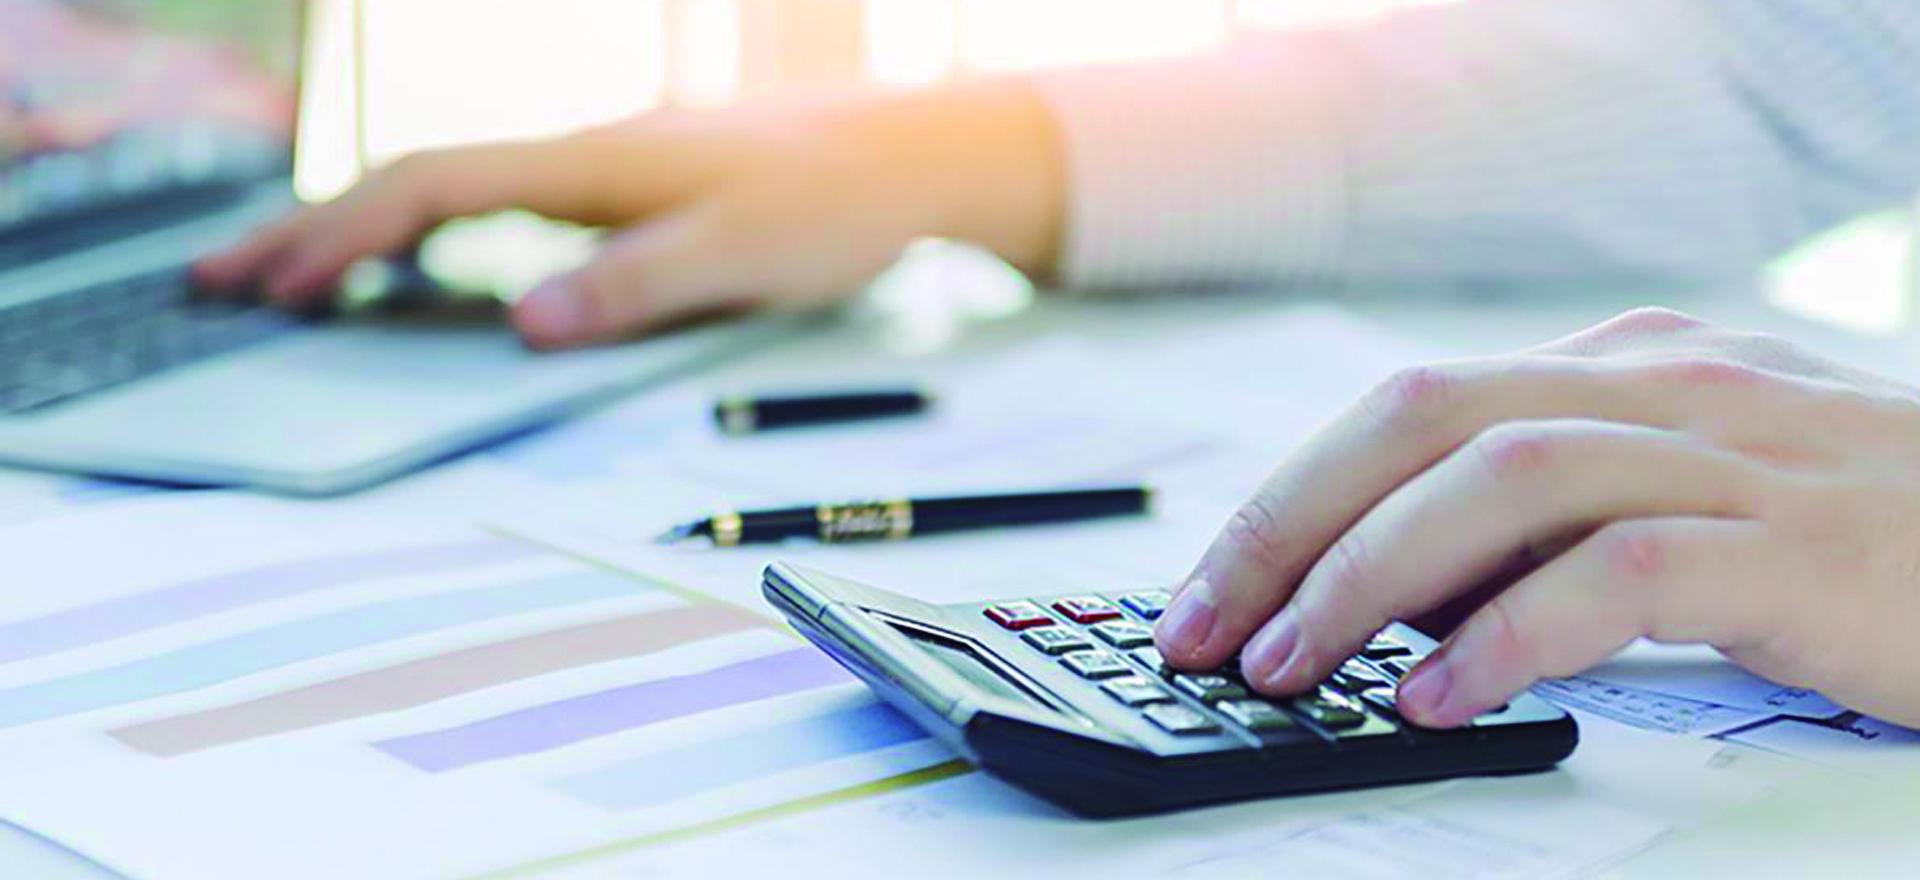 Claves del buró de crédito: Cómo mantener su historial crediticio saludable